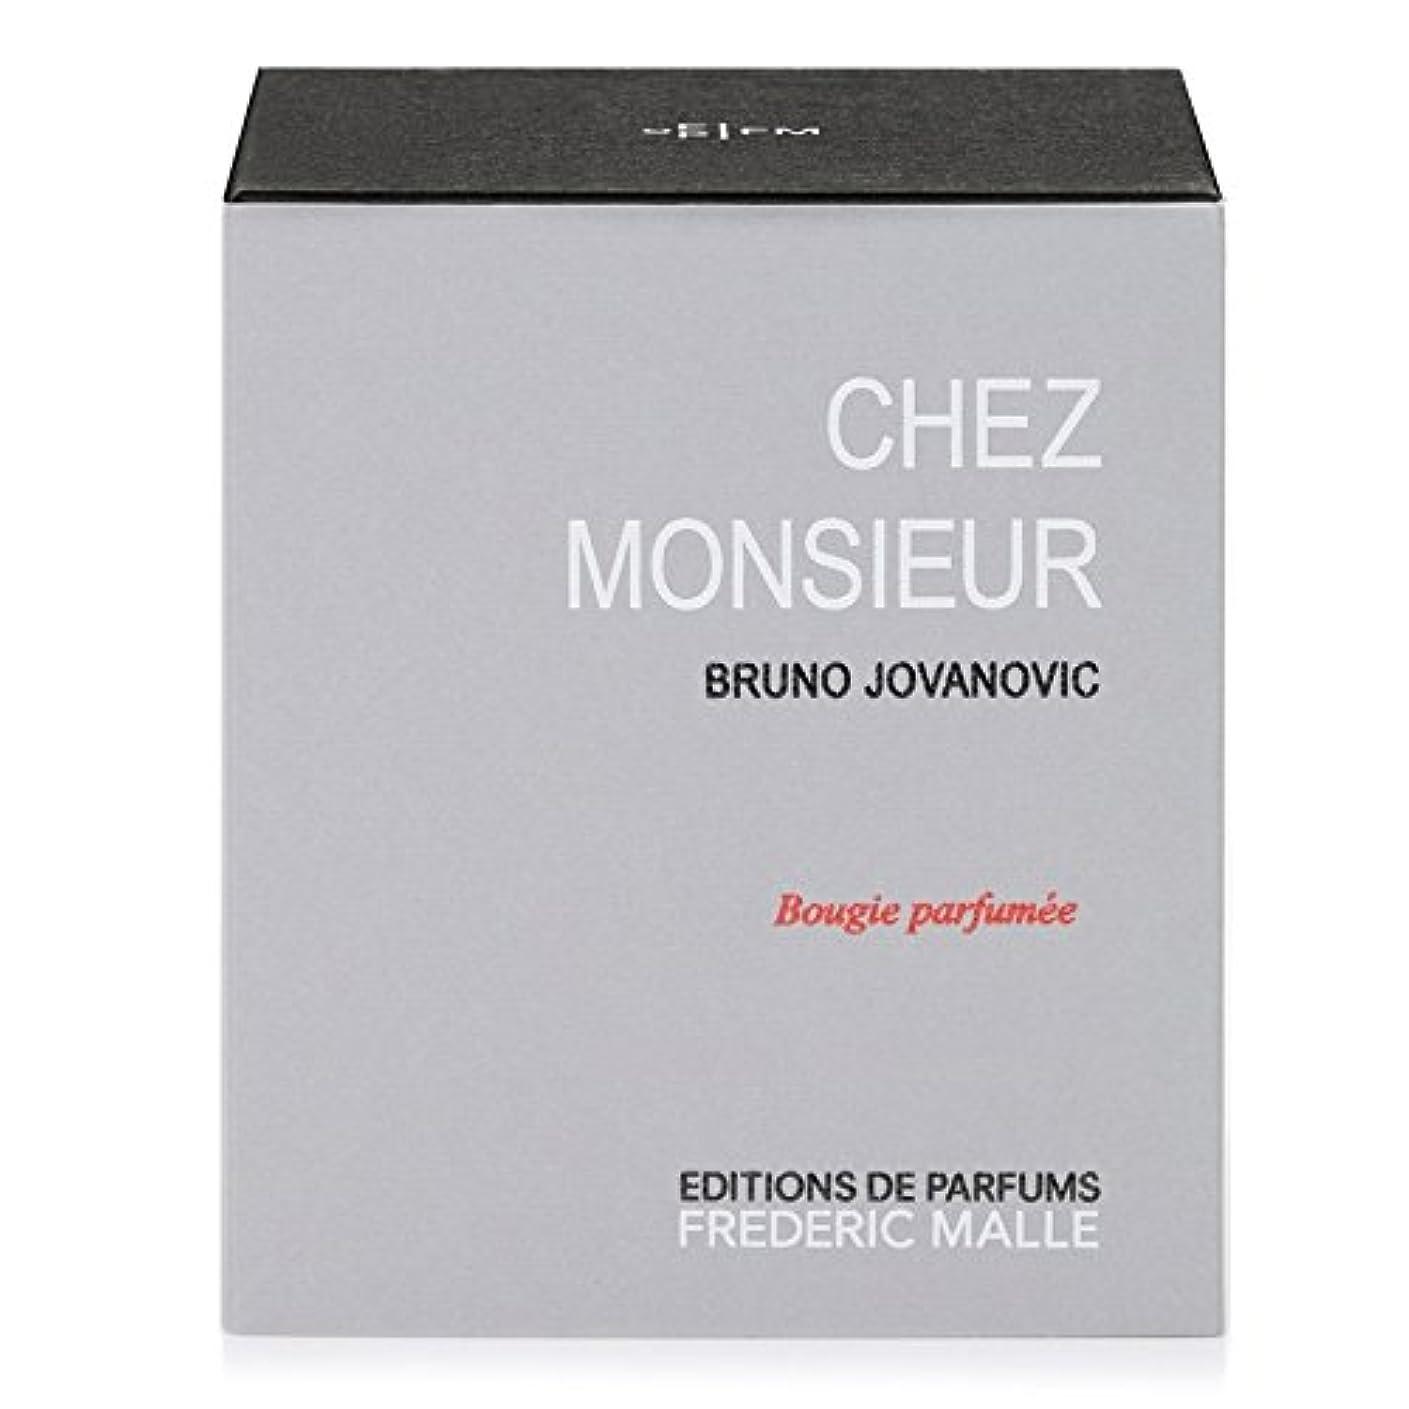 クレーン適合する高めるFrederic Malle Chez Monsieur Scented Candle 220g (Pack of 2) - フレデリック?マルシェムッシュ香りのキャンドル220グラム x2 [並行輸入品]